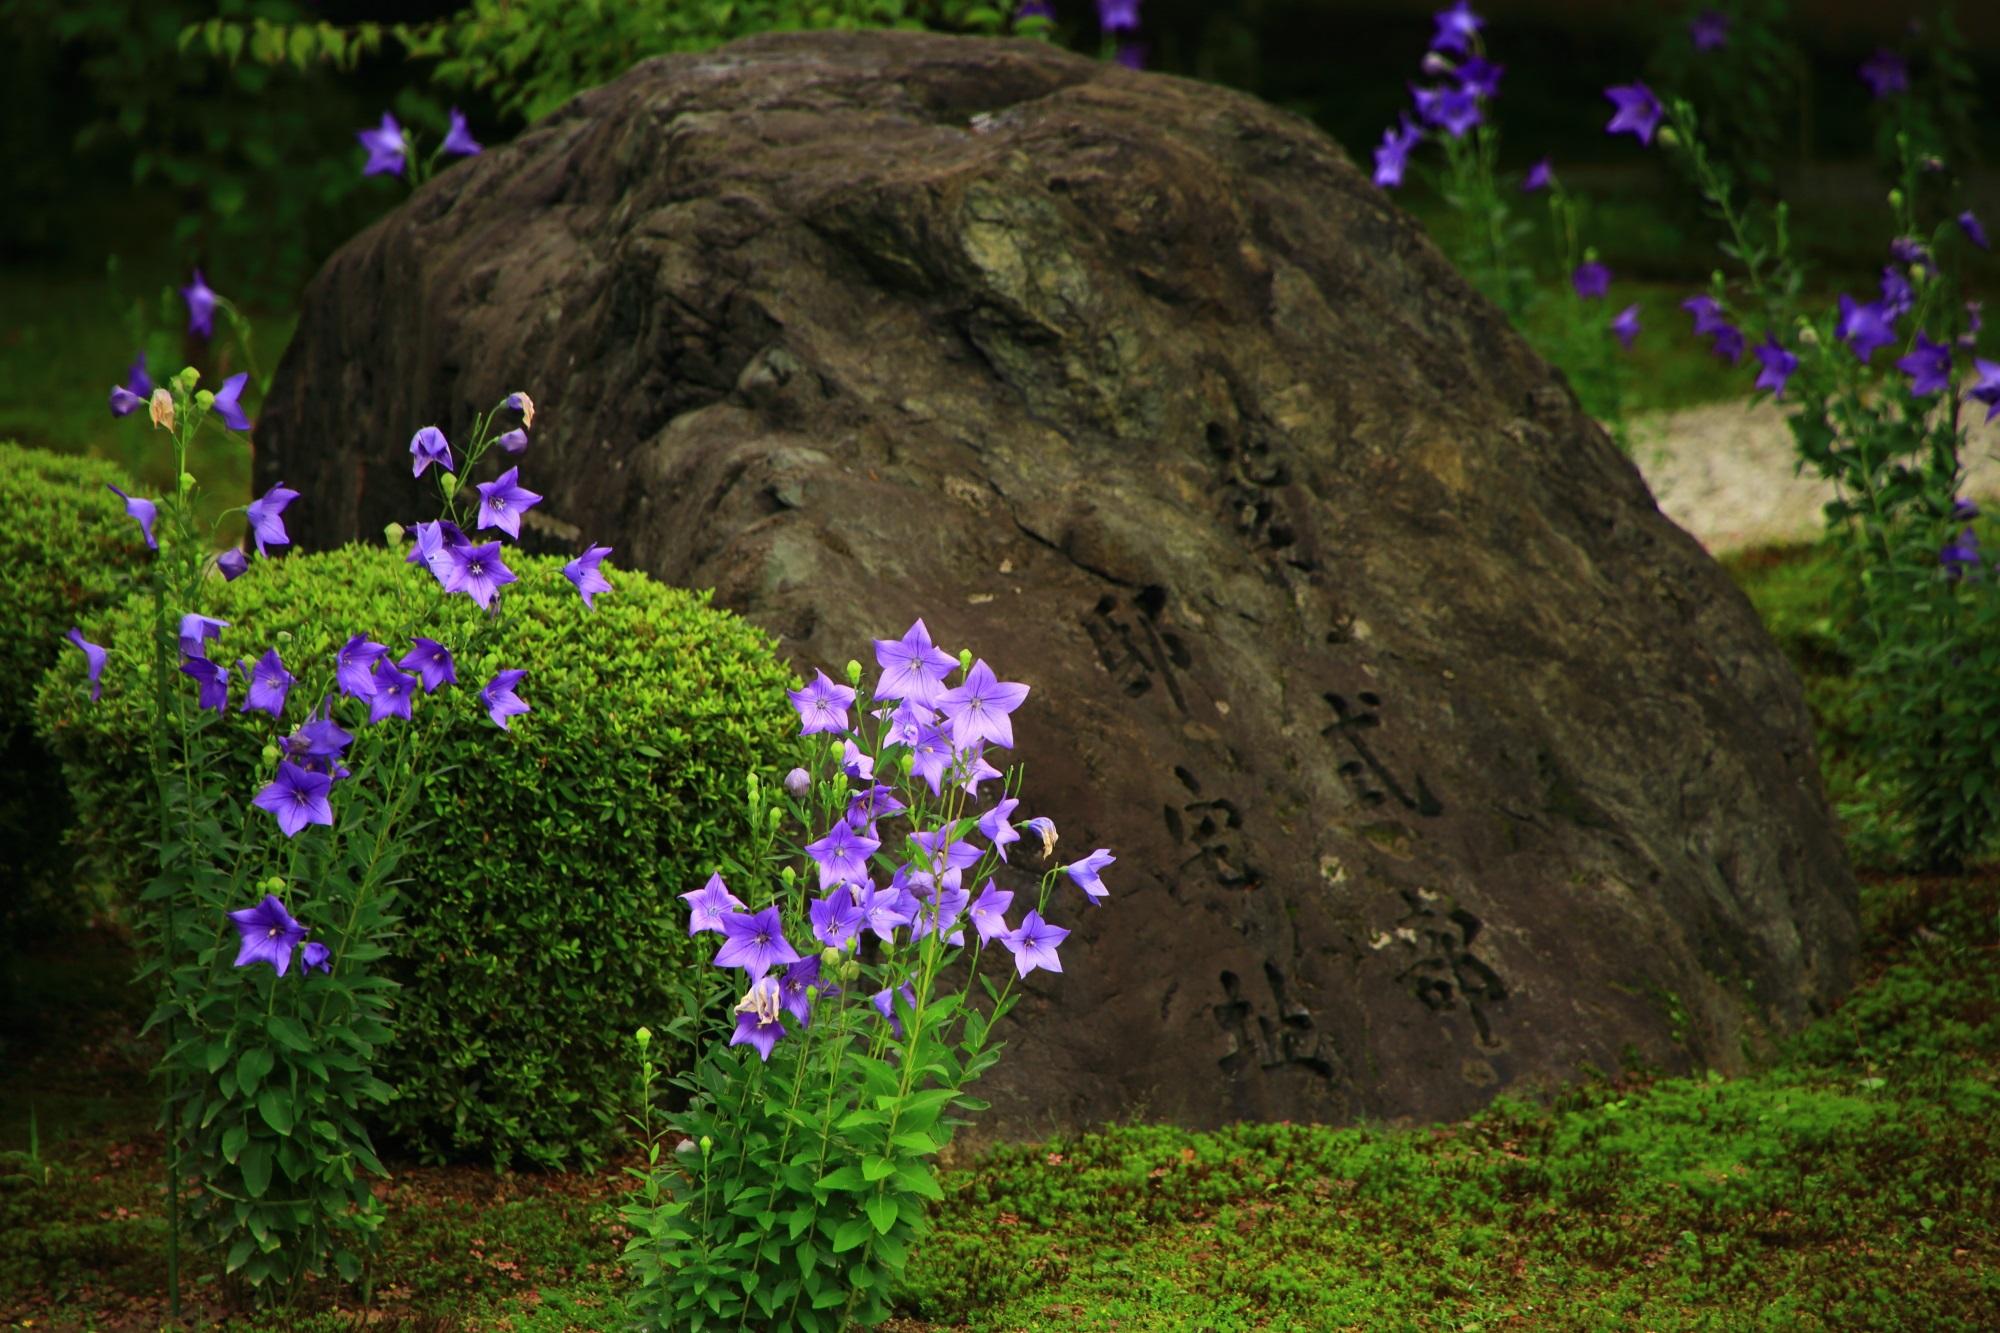 花びらをいっぱいに広げて咲き誇る元気いっぱいの桔梗